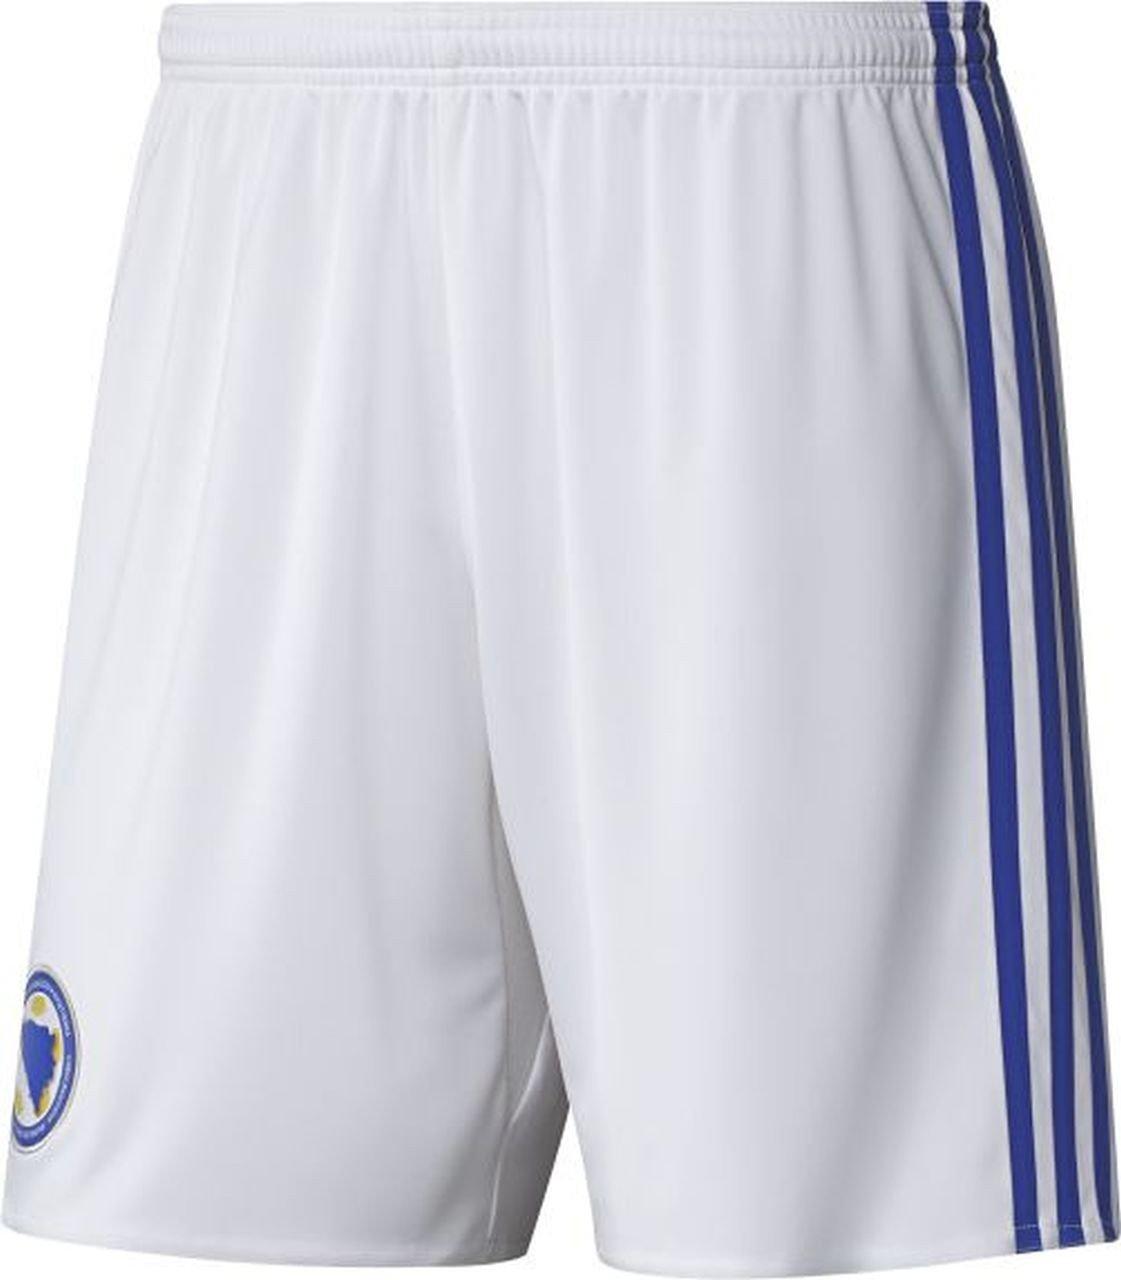 Adidas Trikot ffba Away Pantalones Cortos De Segunda Equipación de la  selección Nacional de Bosnia.  Amazon.es  Deportes y aire libre 43facef65d363